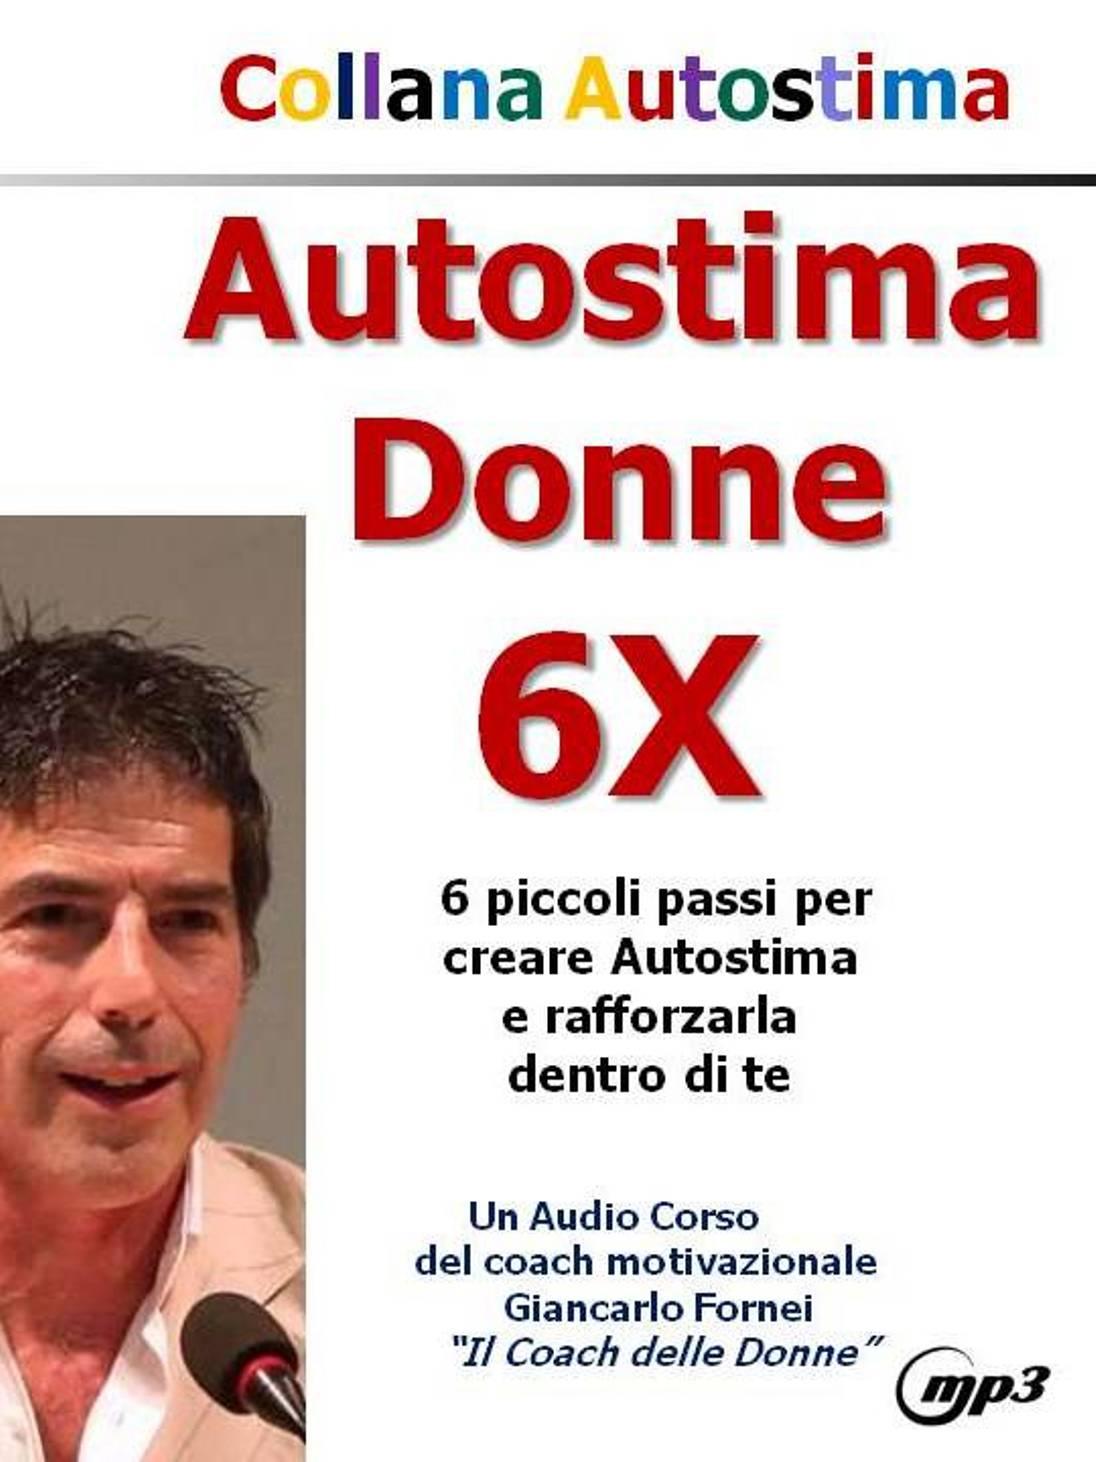 Autostima Donne 6X - il nuovo audiocorso del coach Giancarlo Fornei